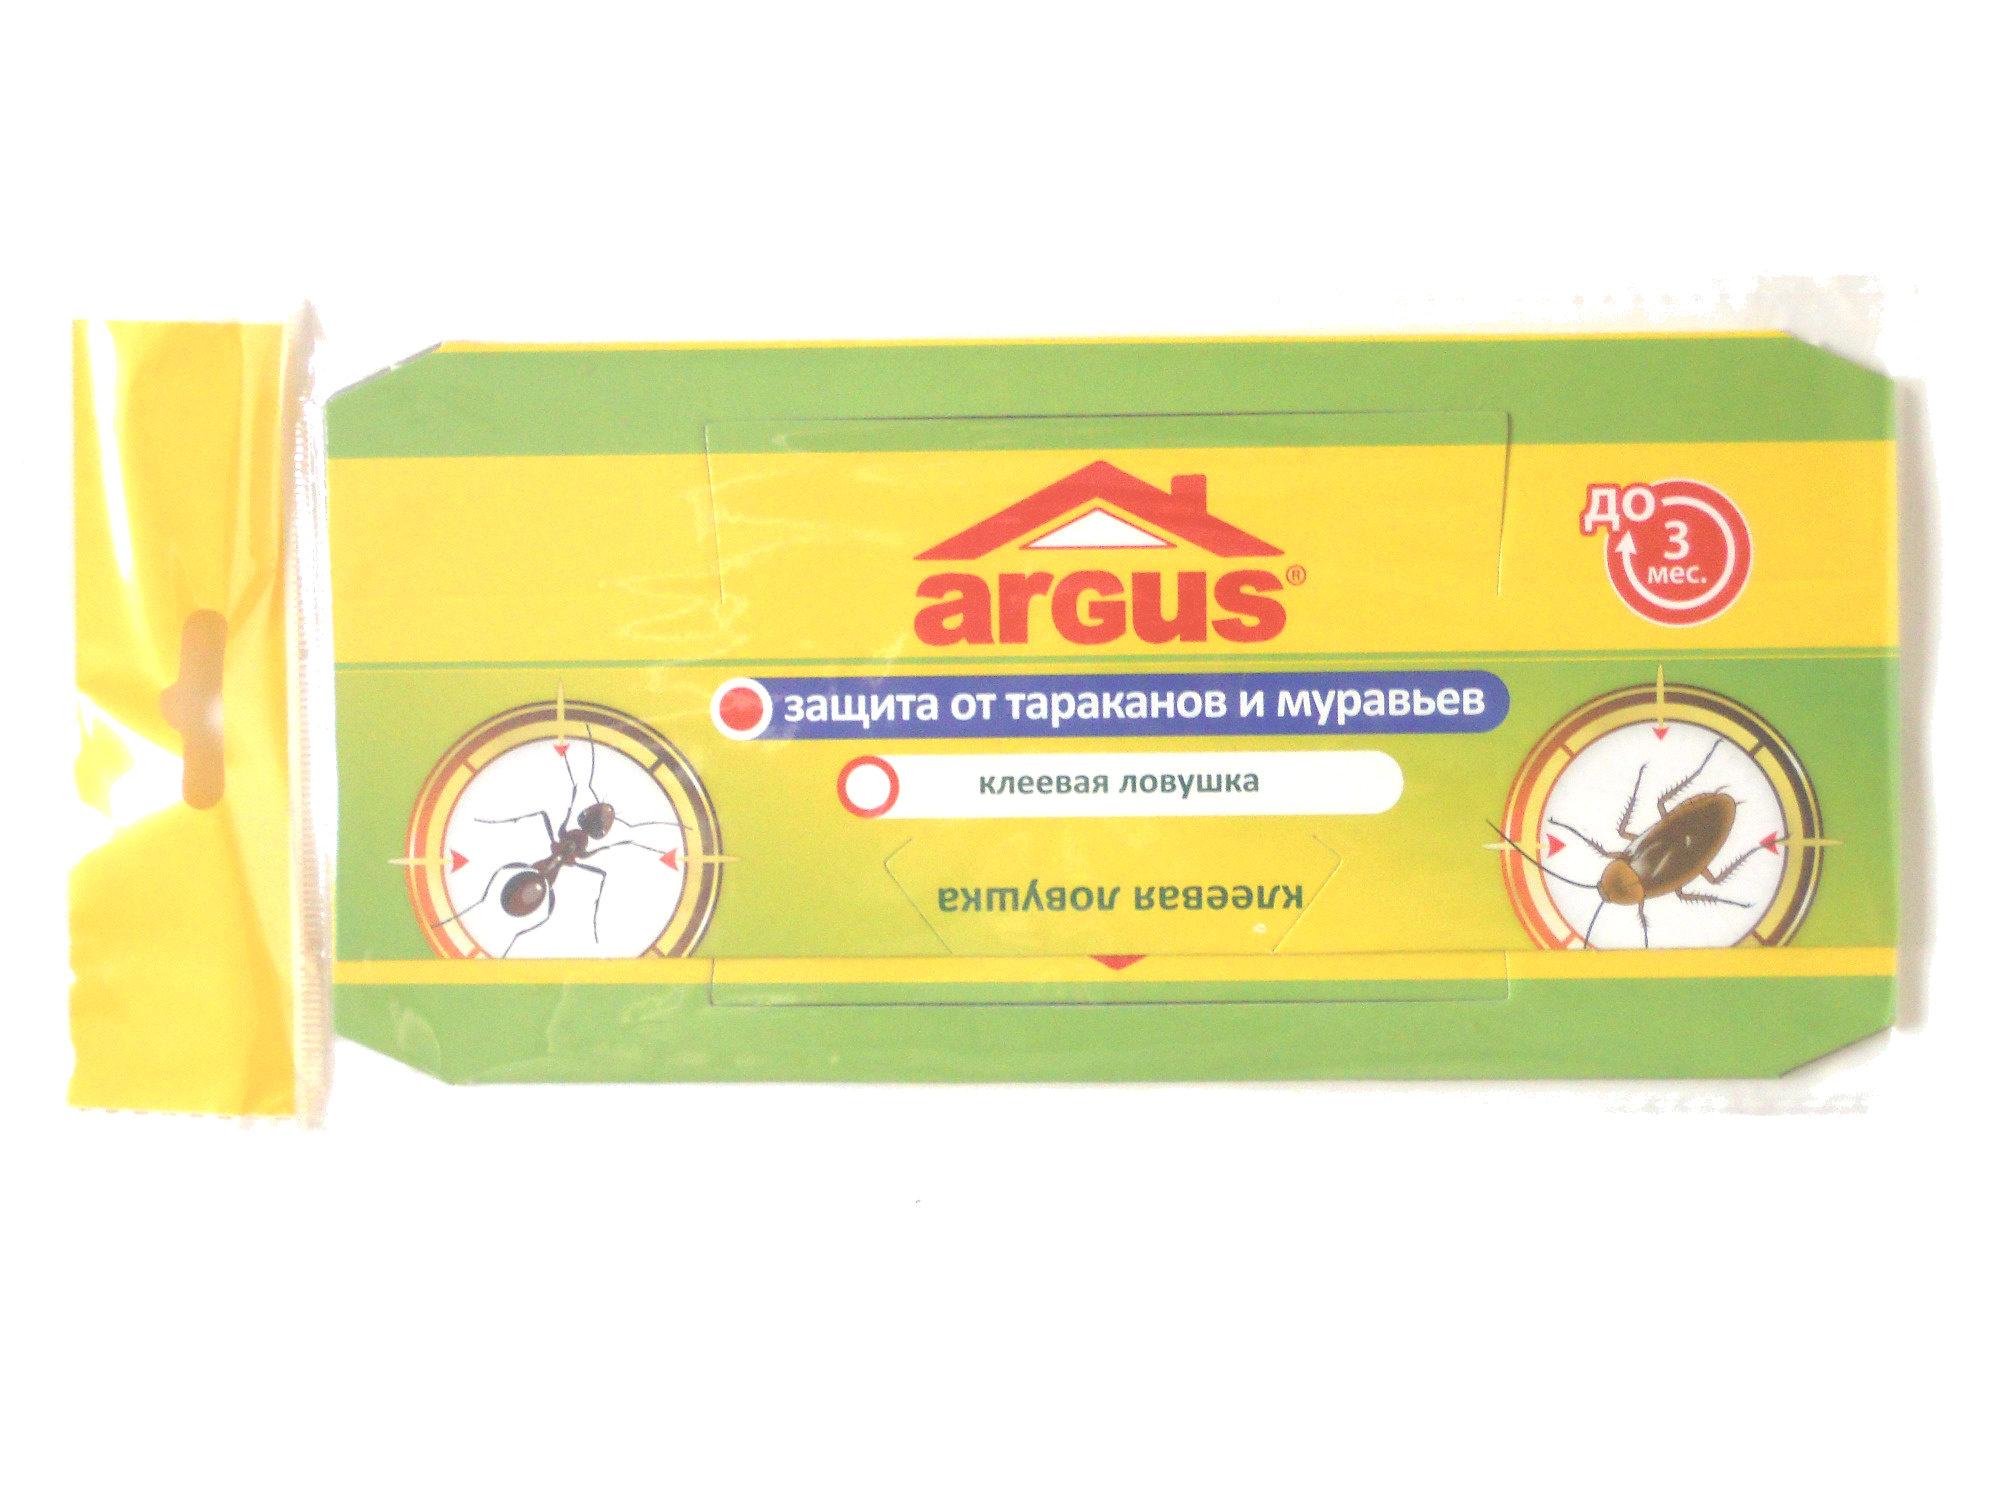 Защита от тараканов и муравьев. Клеевая ловушка. - Product - ru